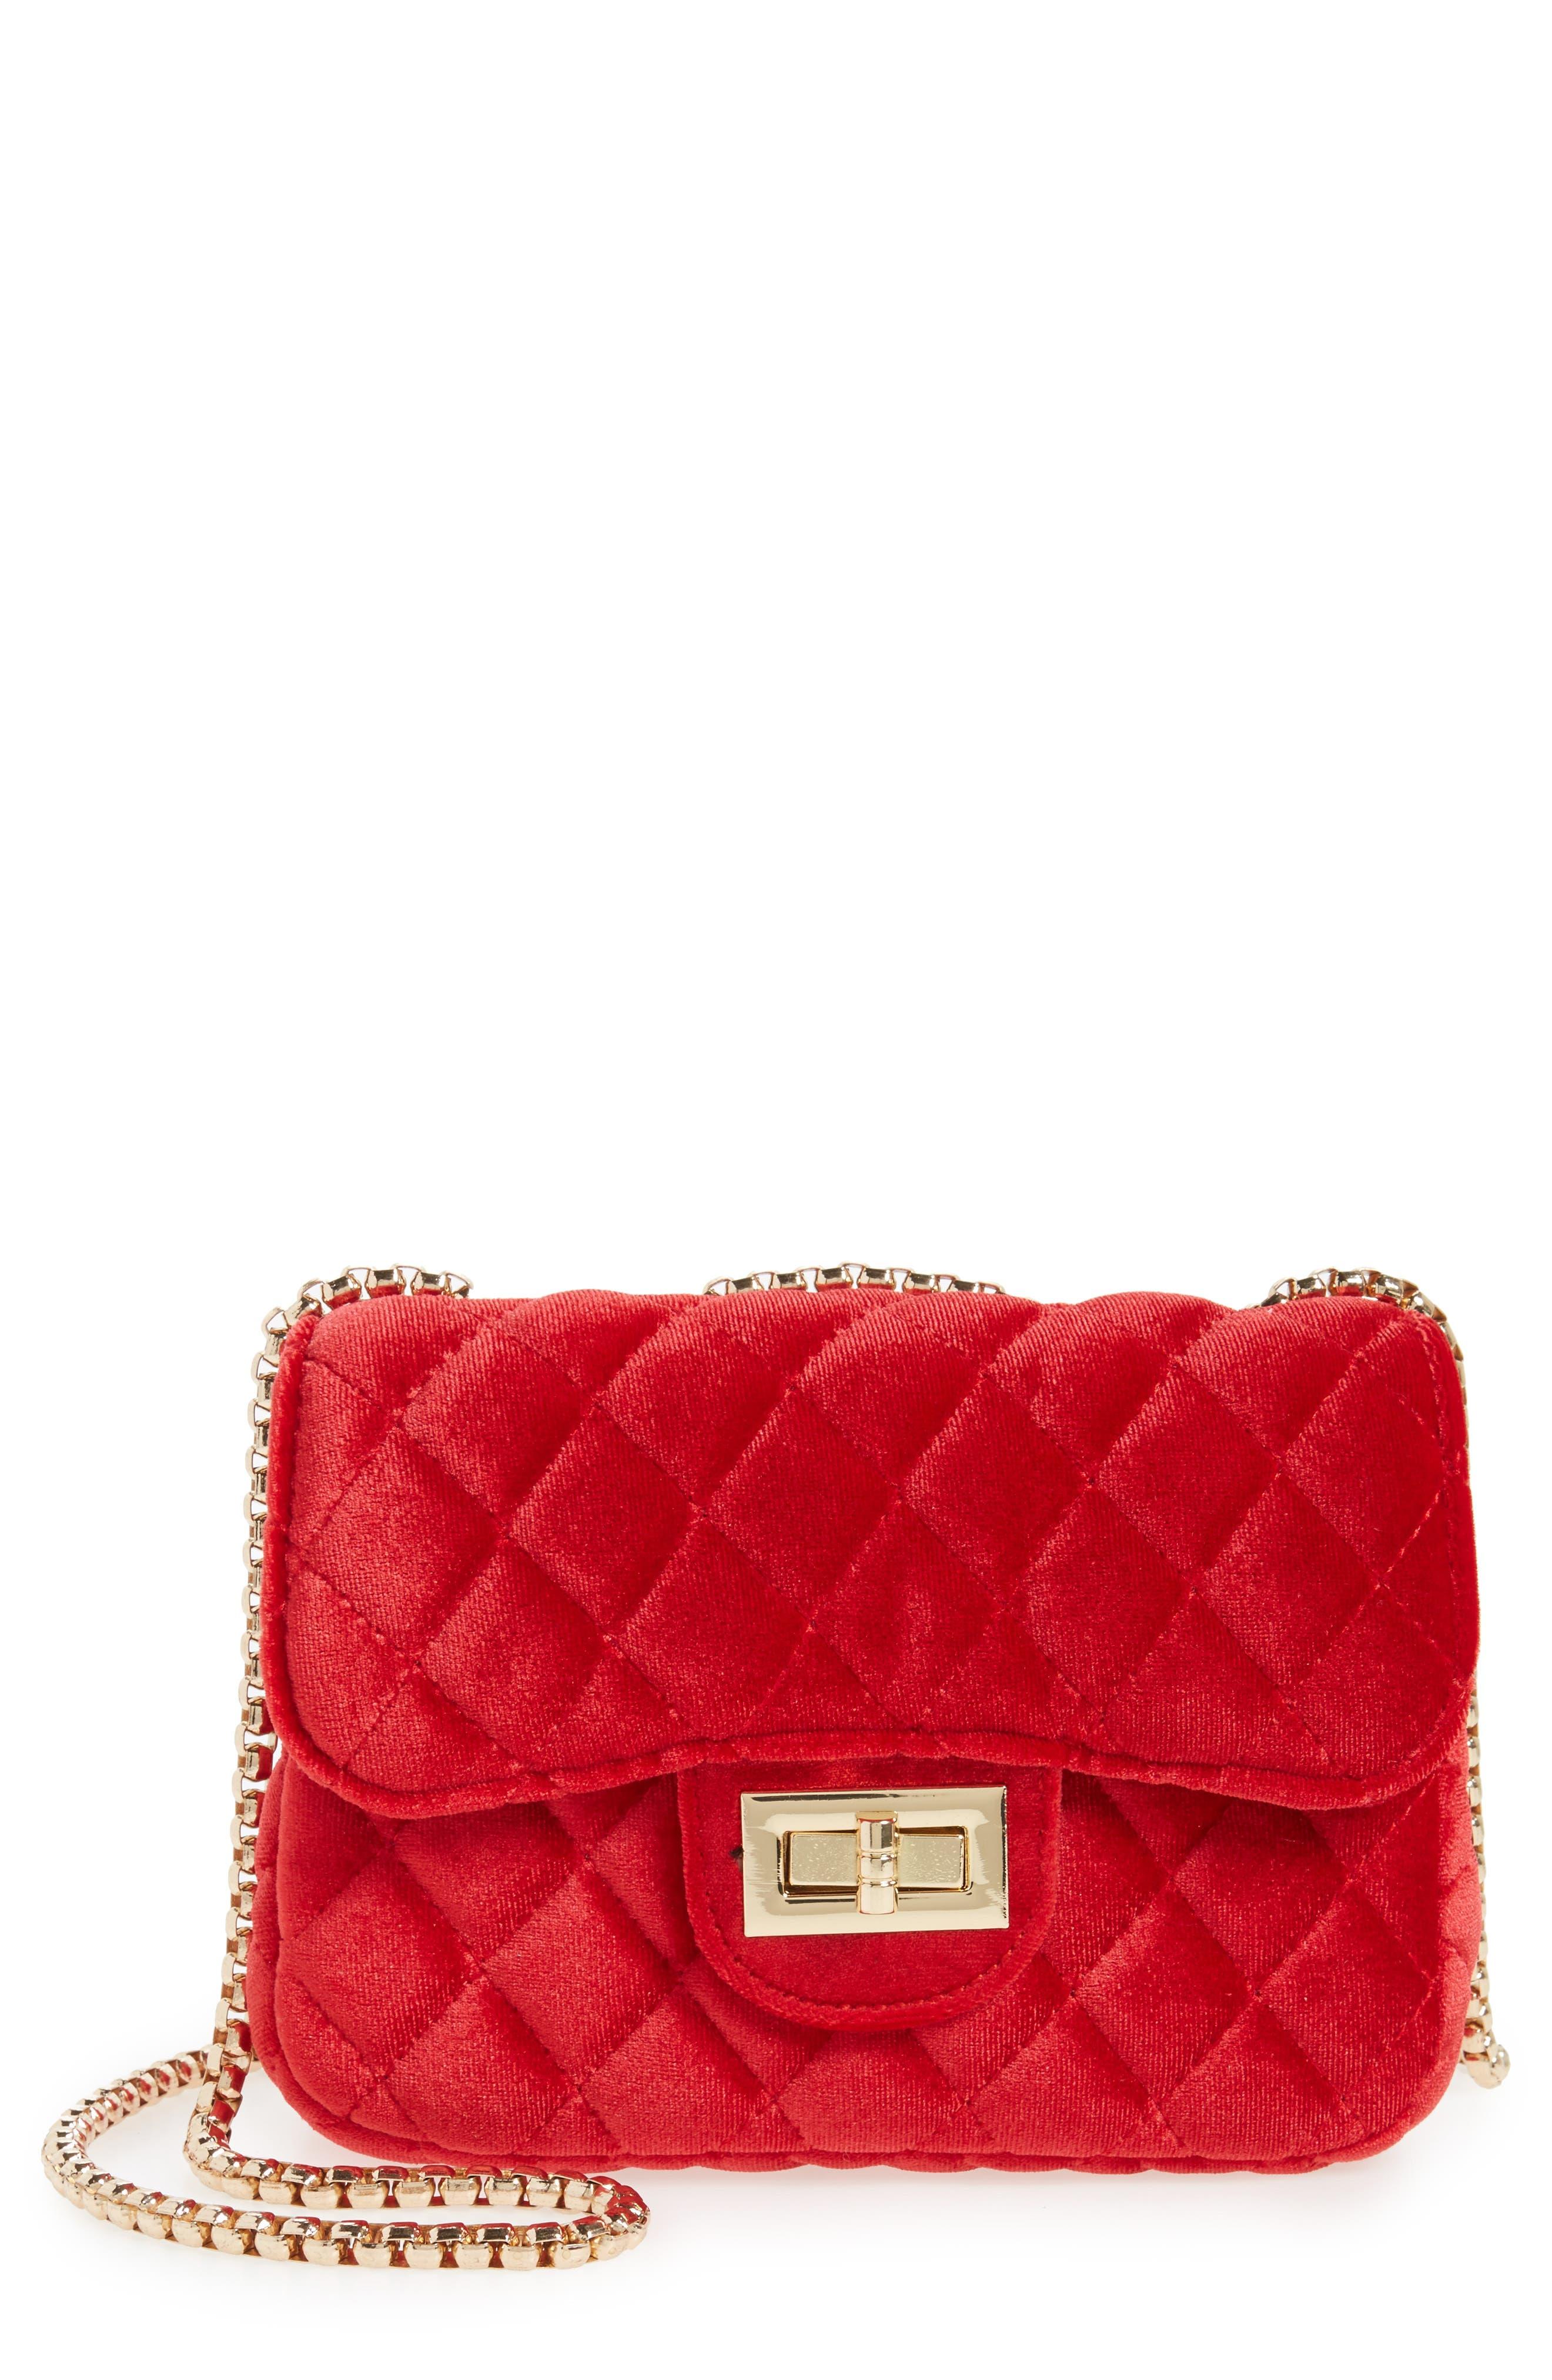 POPATU Quilted Velvet Shoulder Bag, Main, color, RED